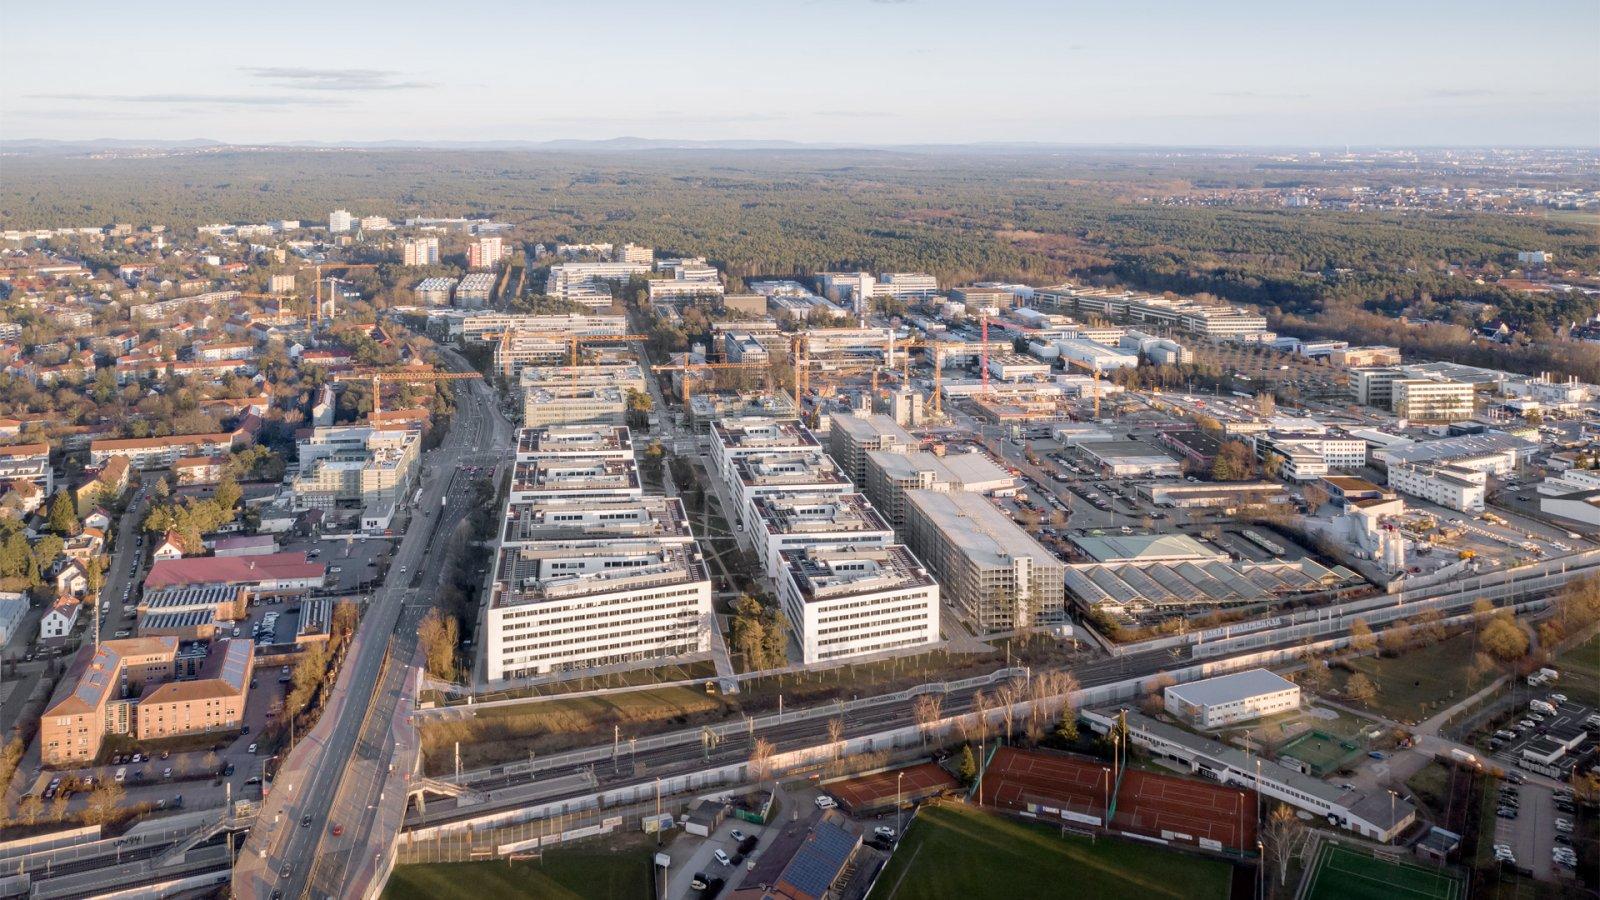 Siemens Campus